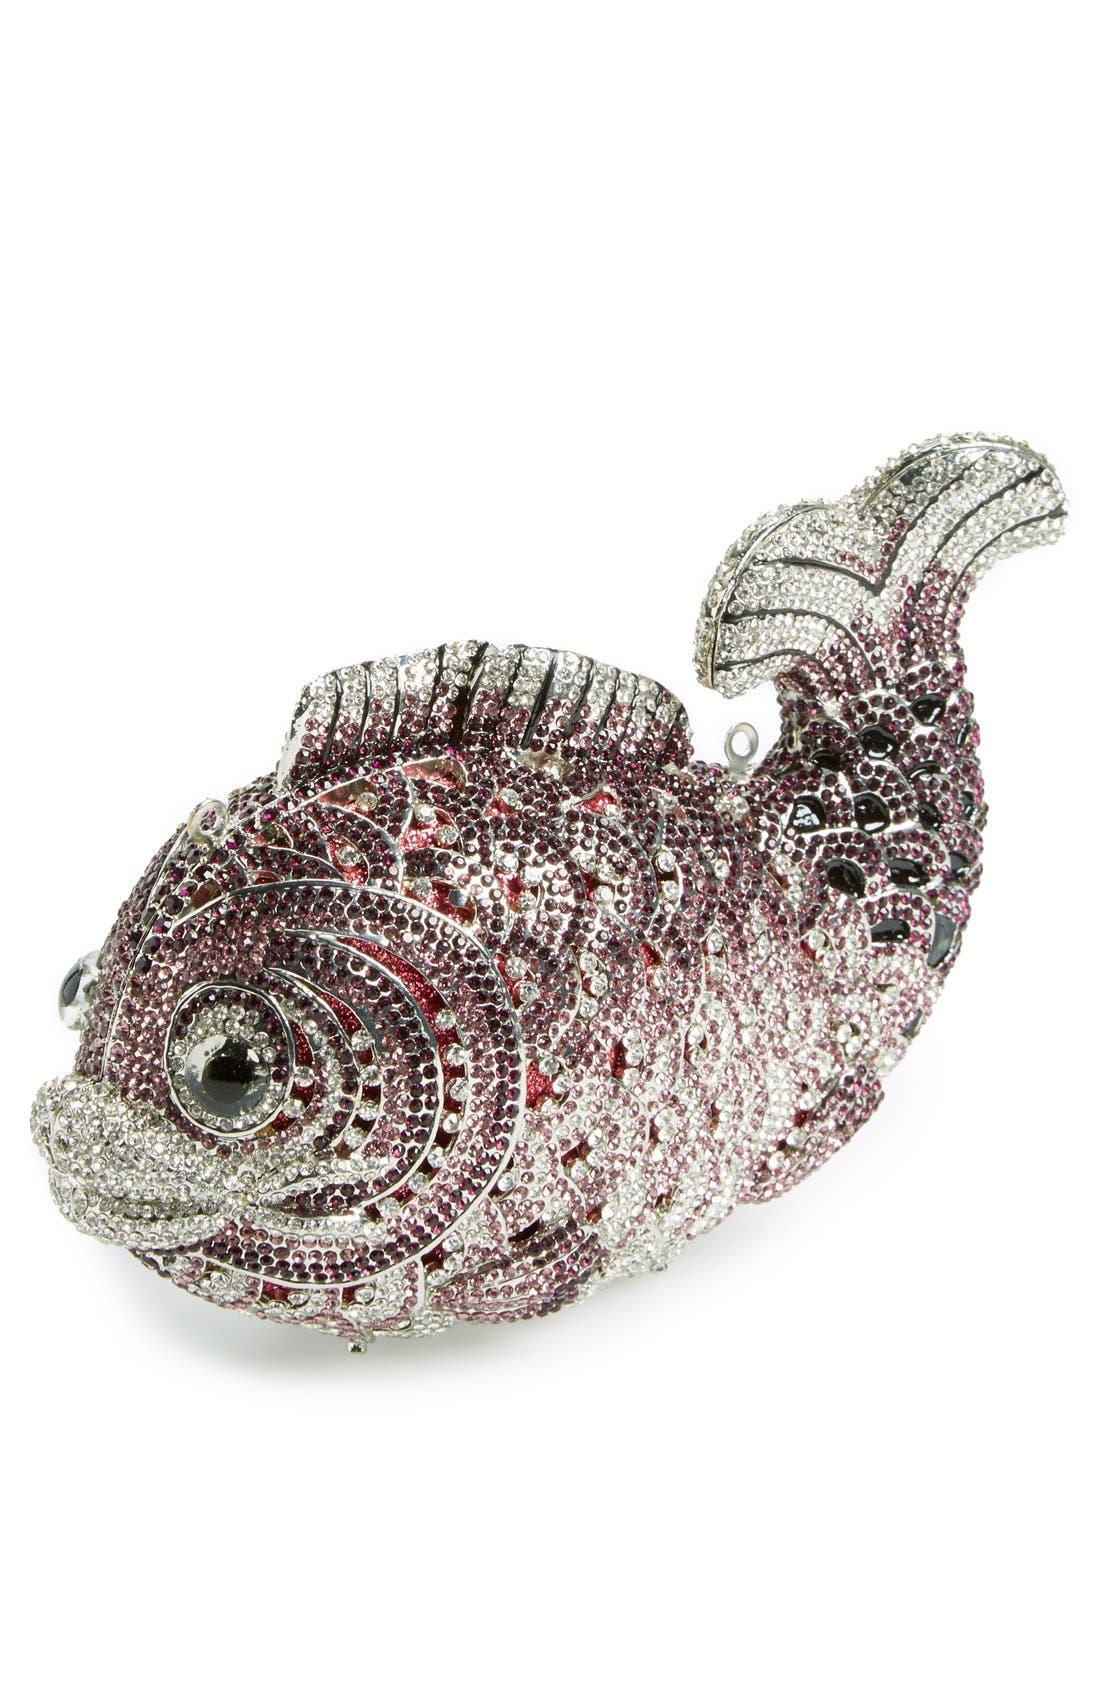 Main Image - Tasha 'Fish' Clutch